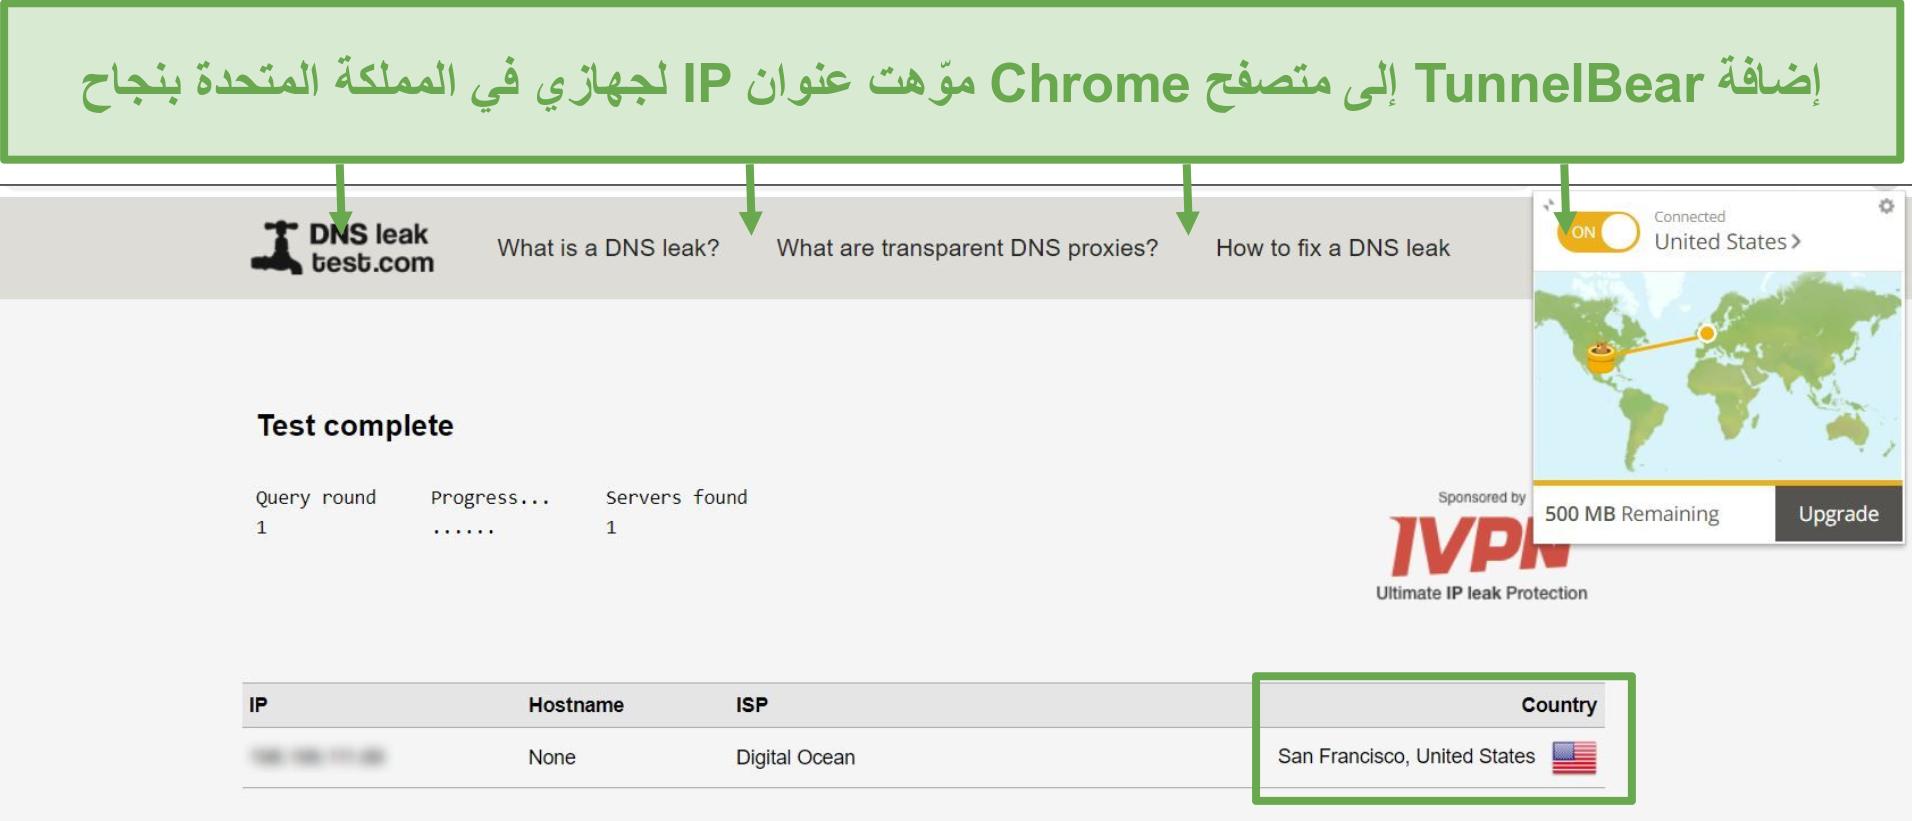 لقطة شاشة لنتائج اختبار تسرب DNS عند الاتصال بـ TunnelBear.